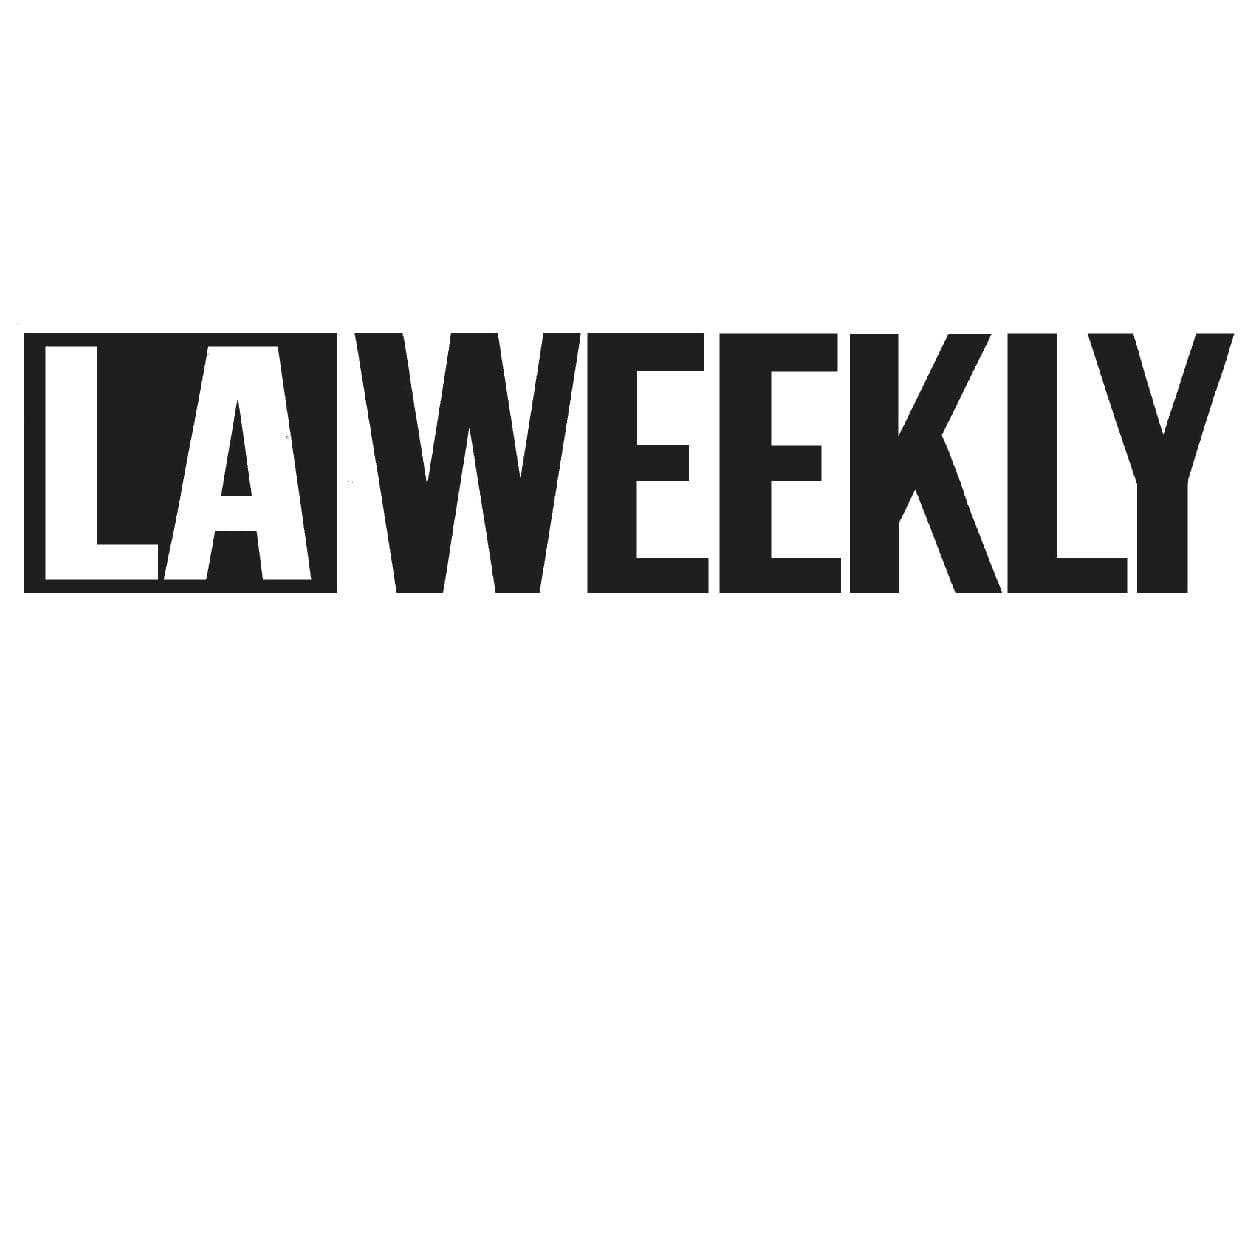 LA-Weekly-Square-01-01-01-01.jpg